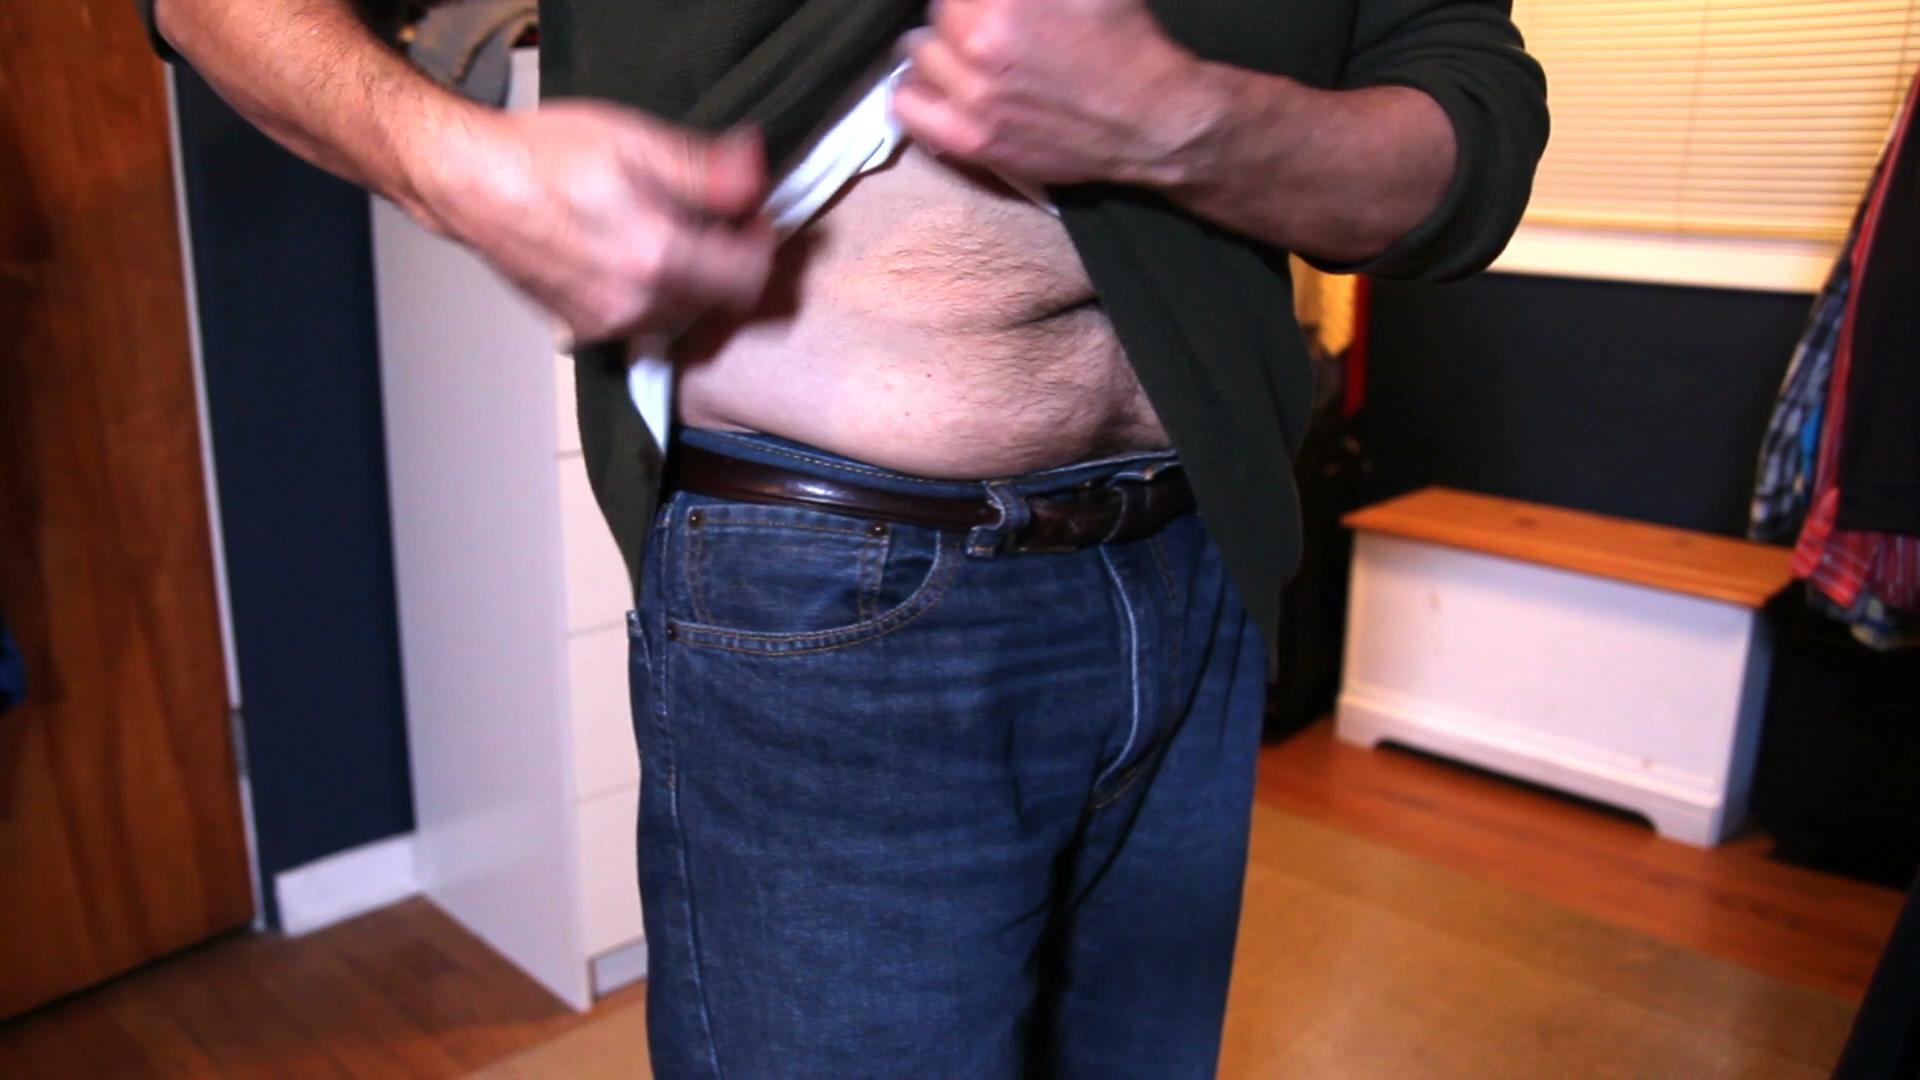 Co zrobić, żeby pozbyć się tłuszczu z brzucha?